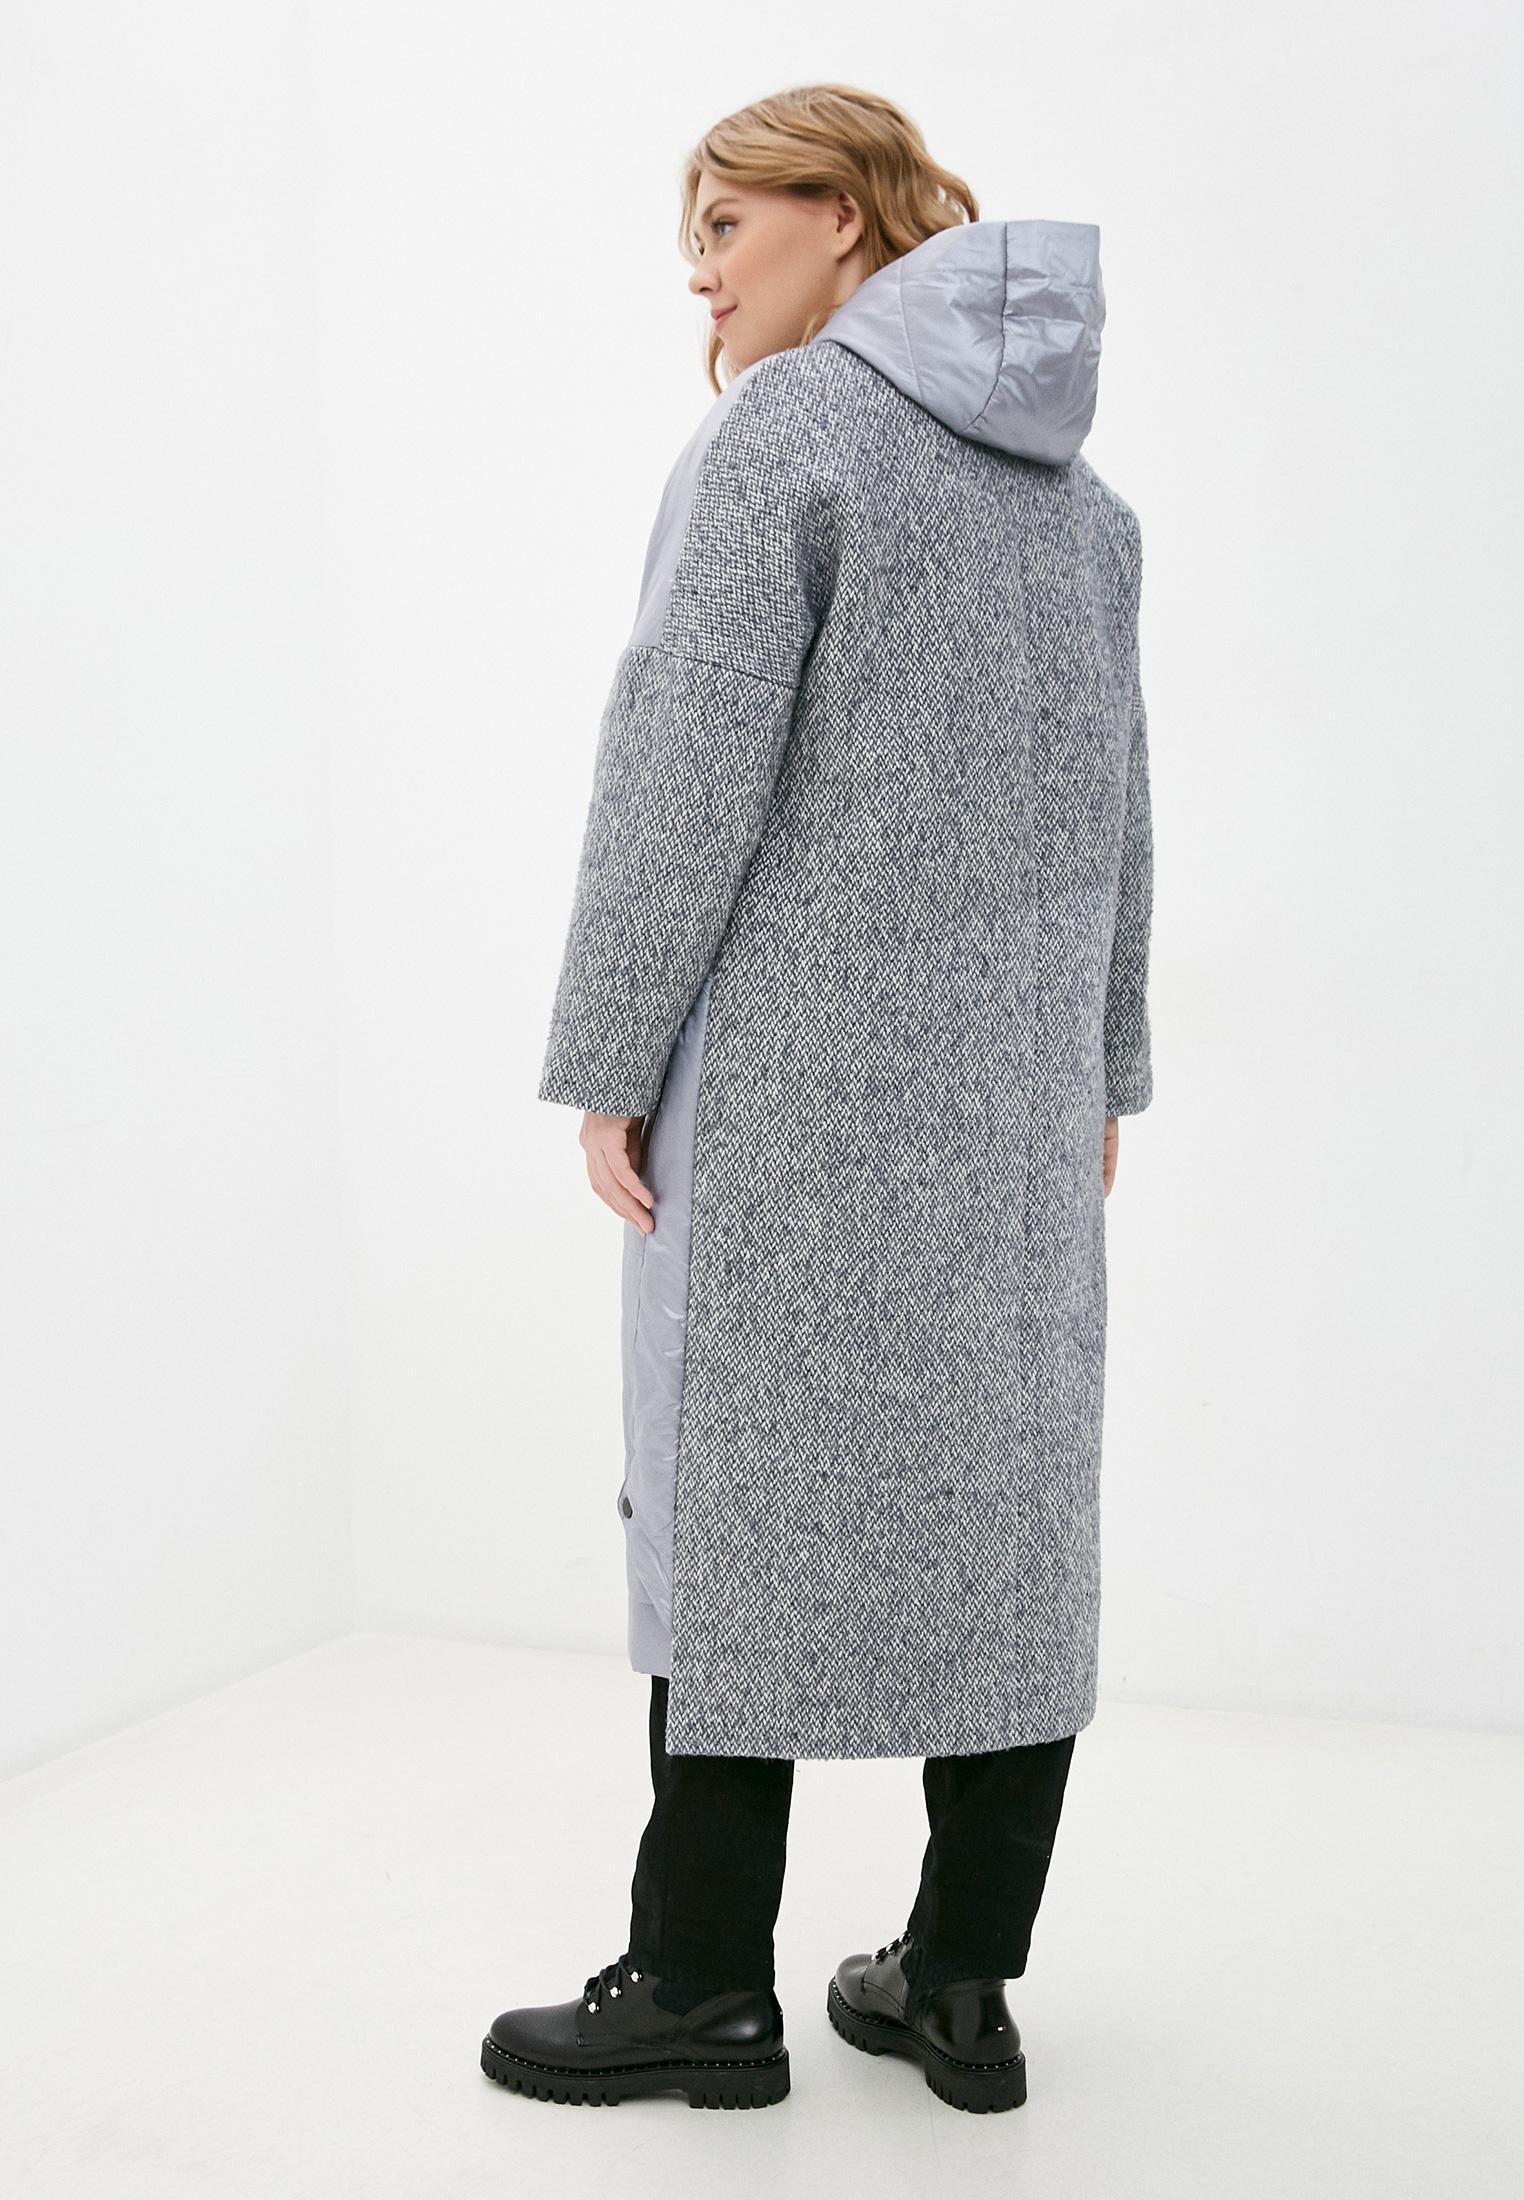 Утепленная куртка Nataliy Beate Пальто мод.132: изображение 3